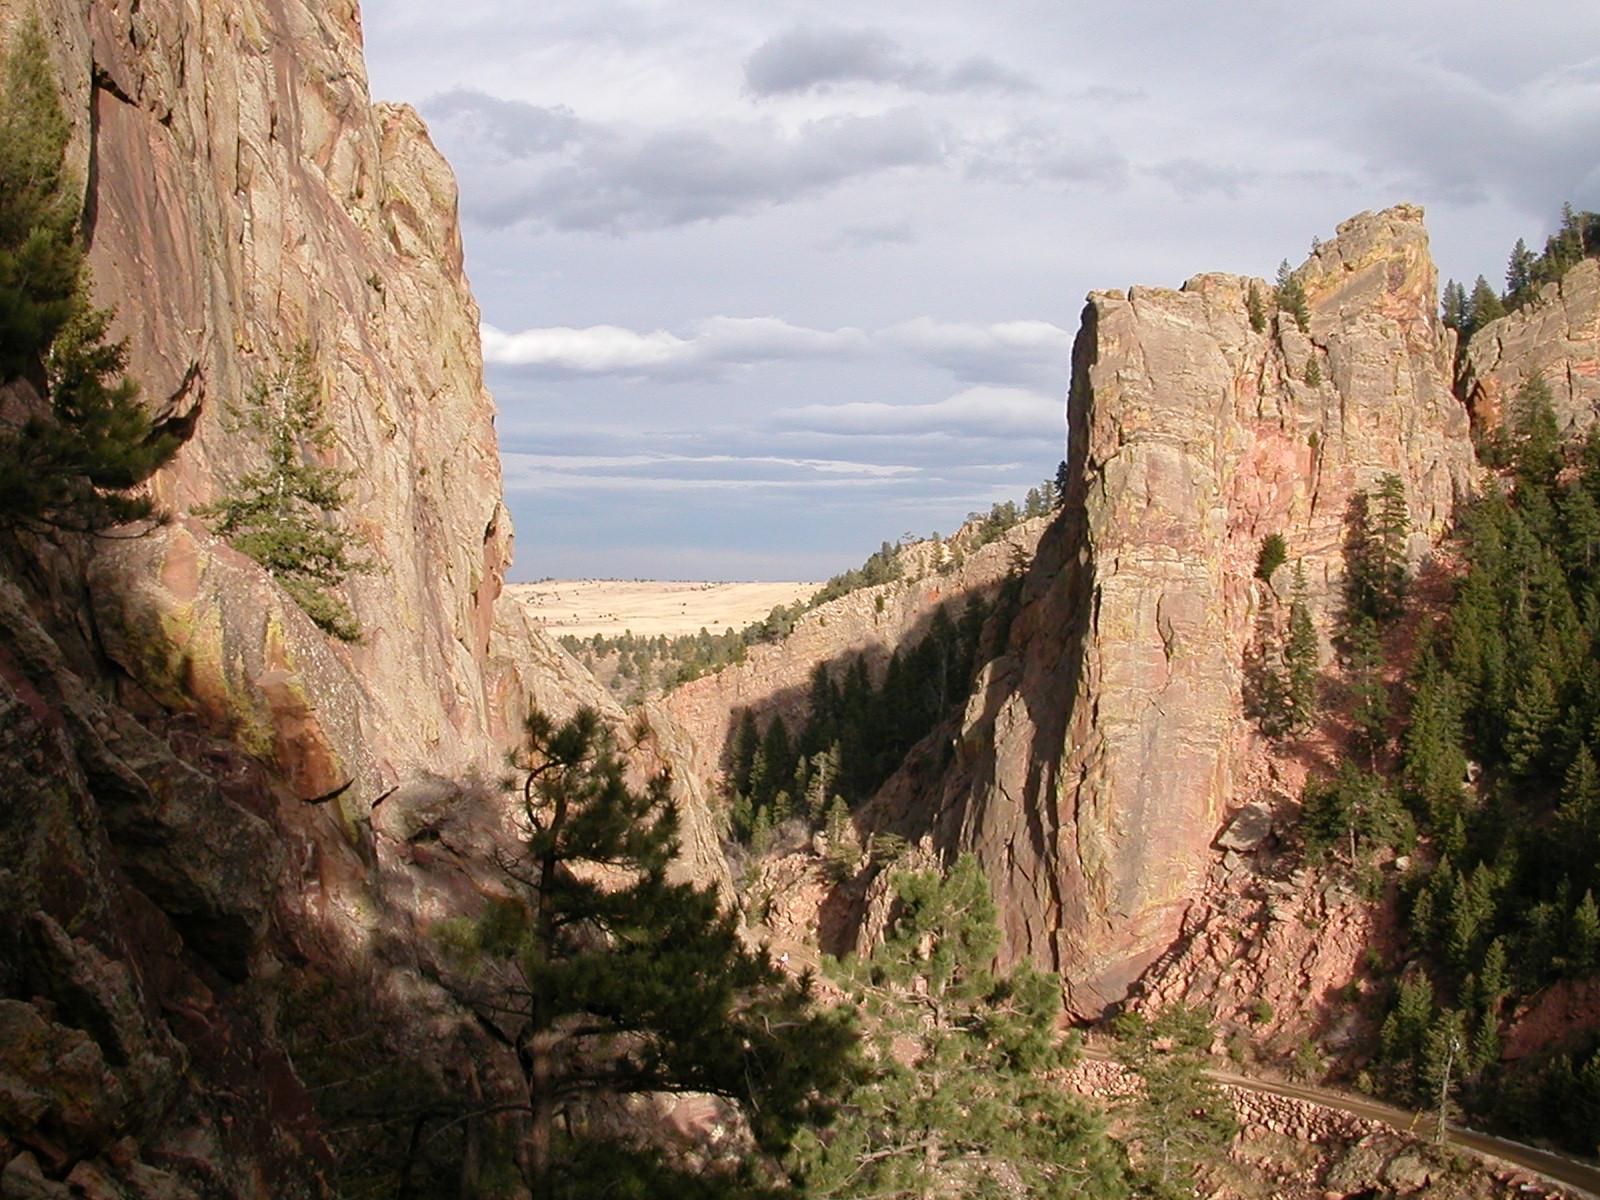 eldorado canyon state park wikipedia